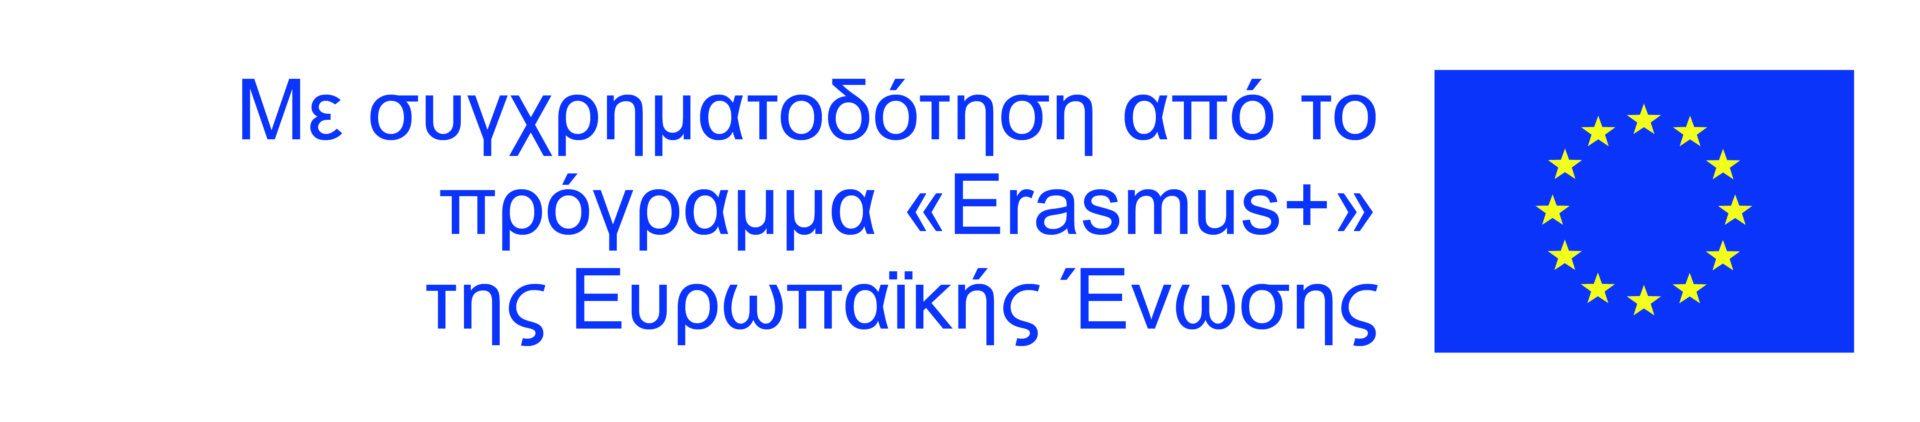 logosbeneficaireserasmusleft_el